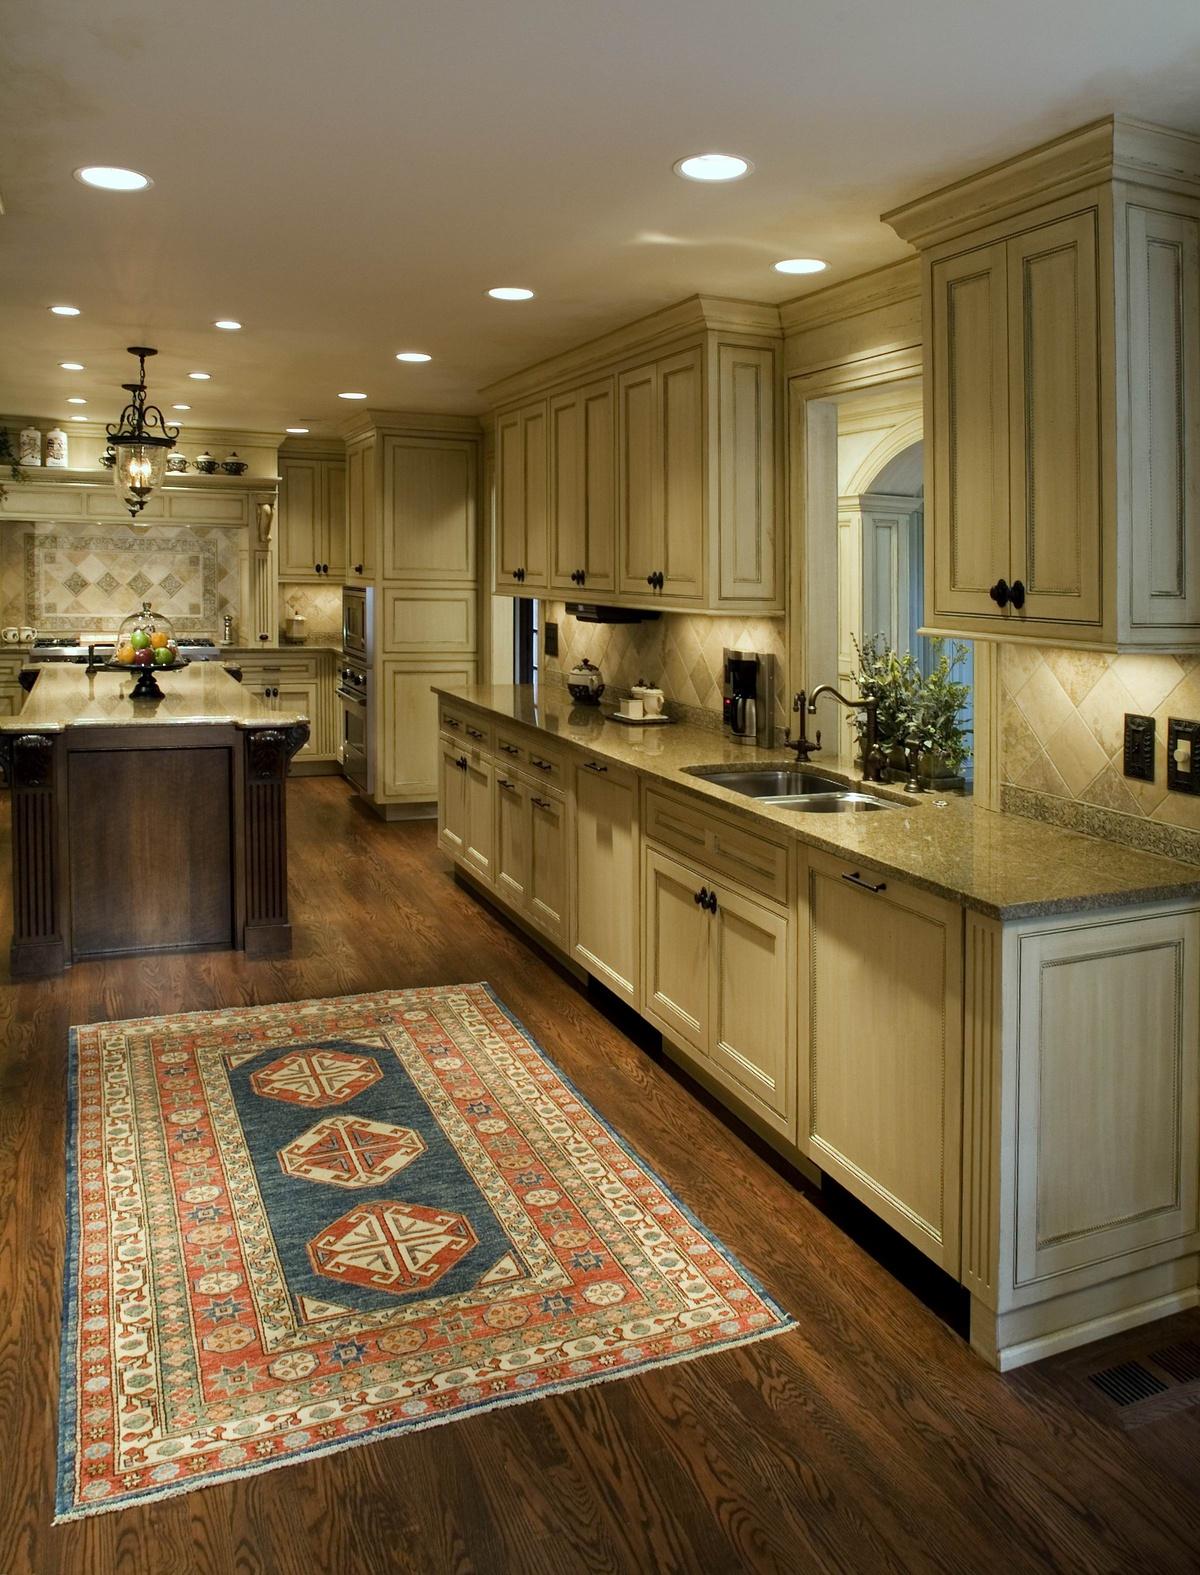 #664921 mais sonho cozinha idéias cozinha estilos tradicionais cozinhas  1200x1575 px Estilo De Cozinha Em Casa_222 Imagens